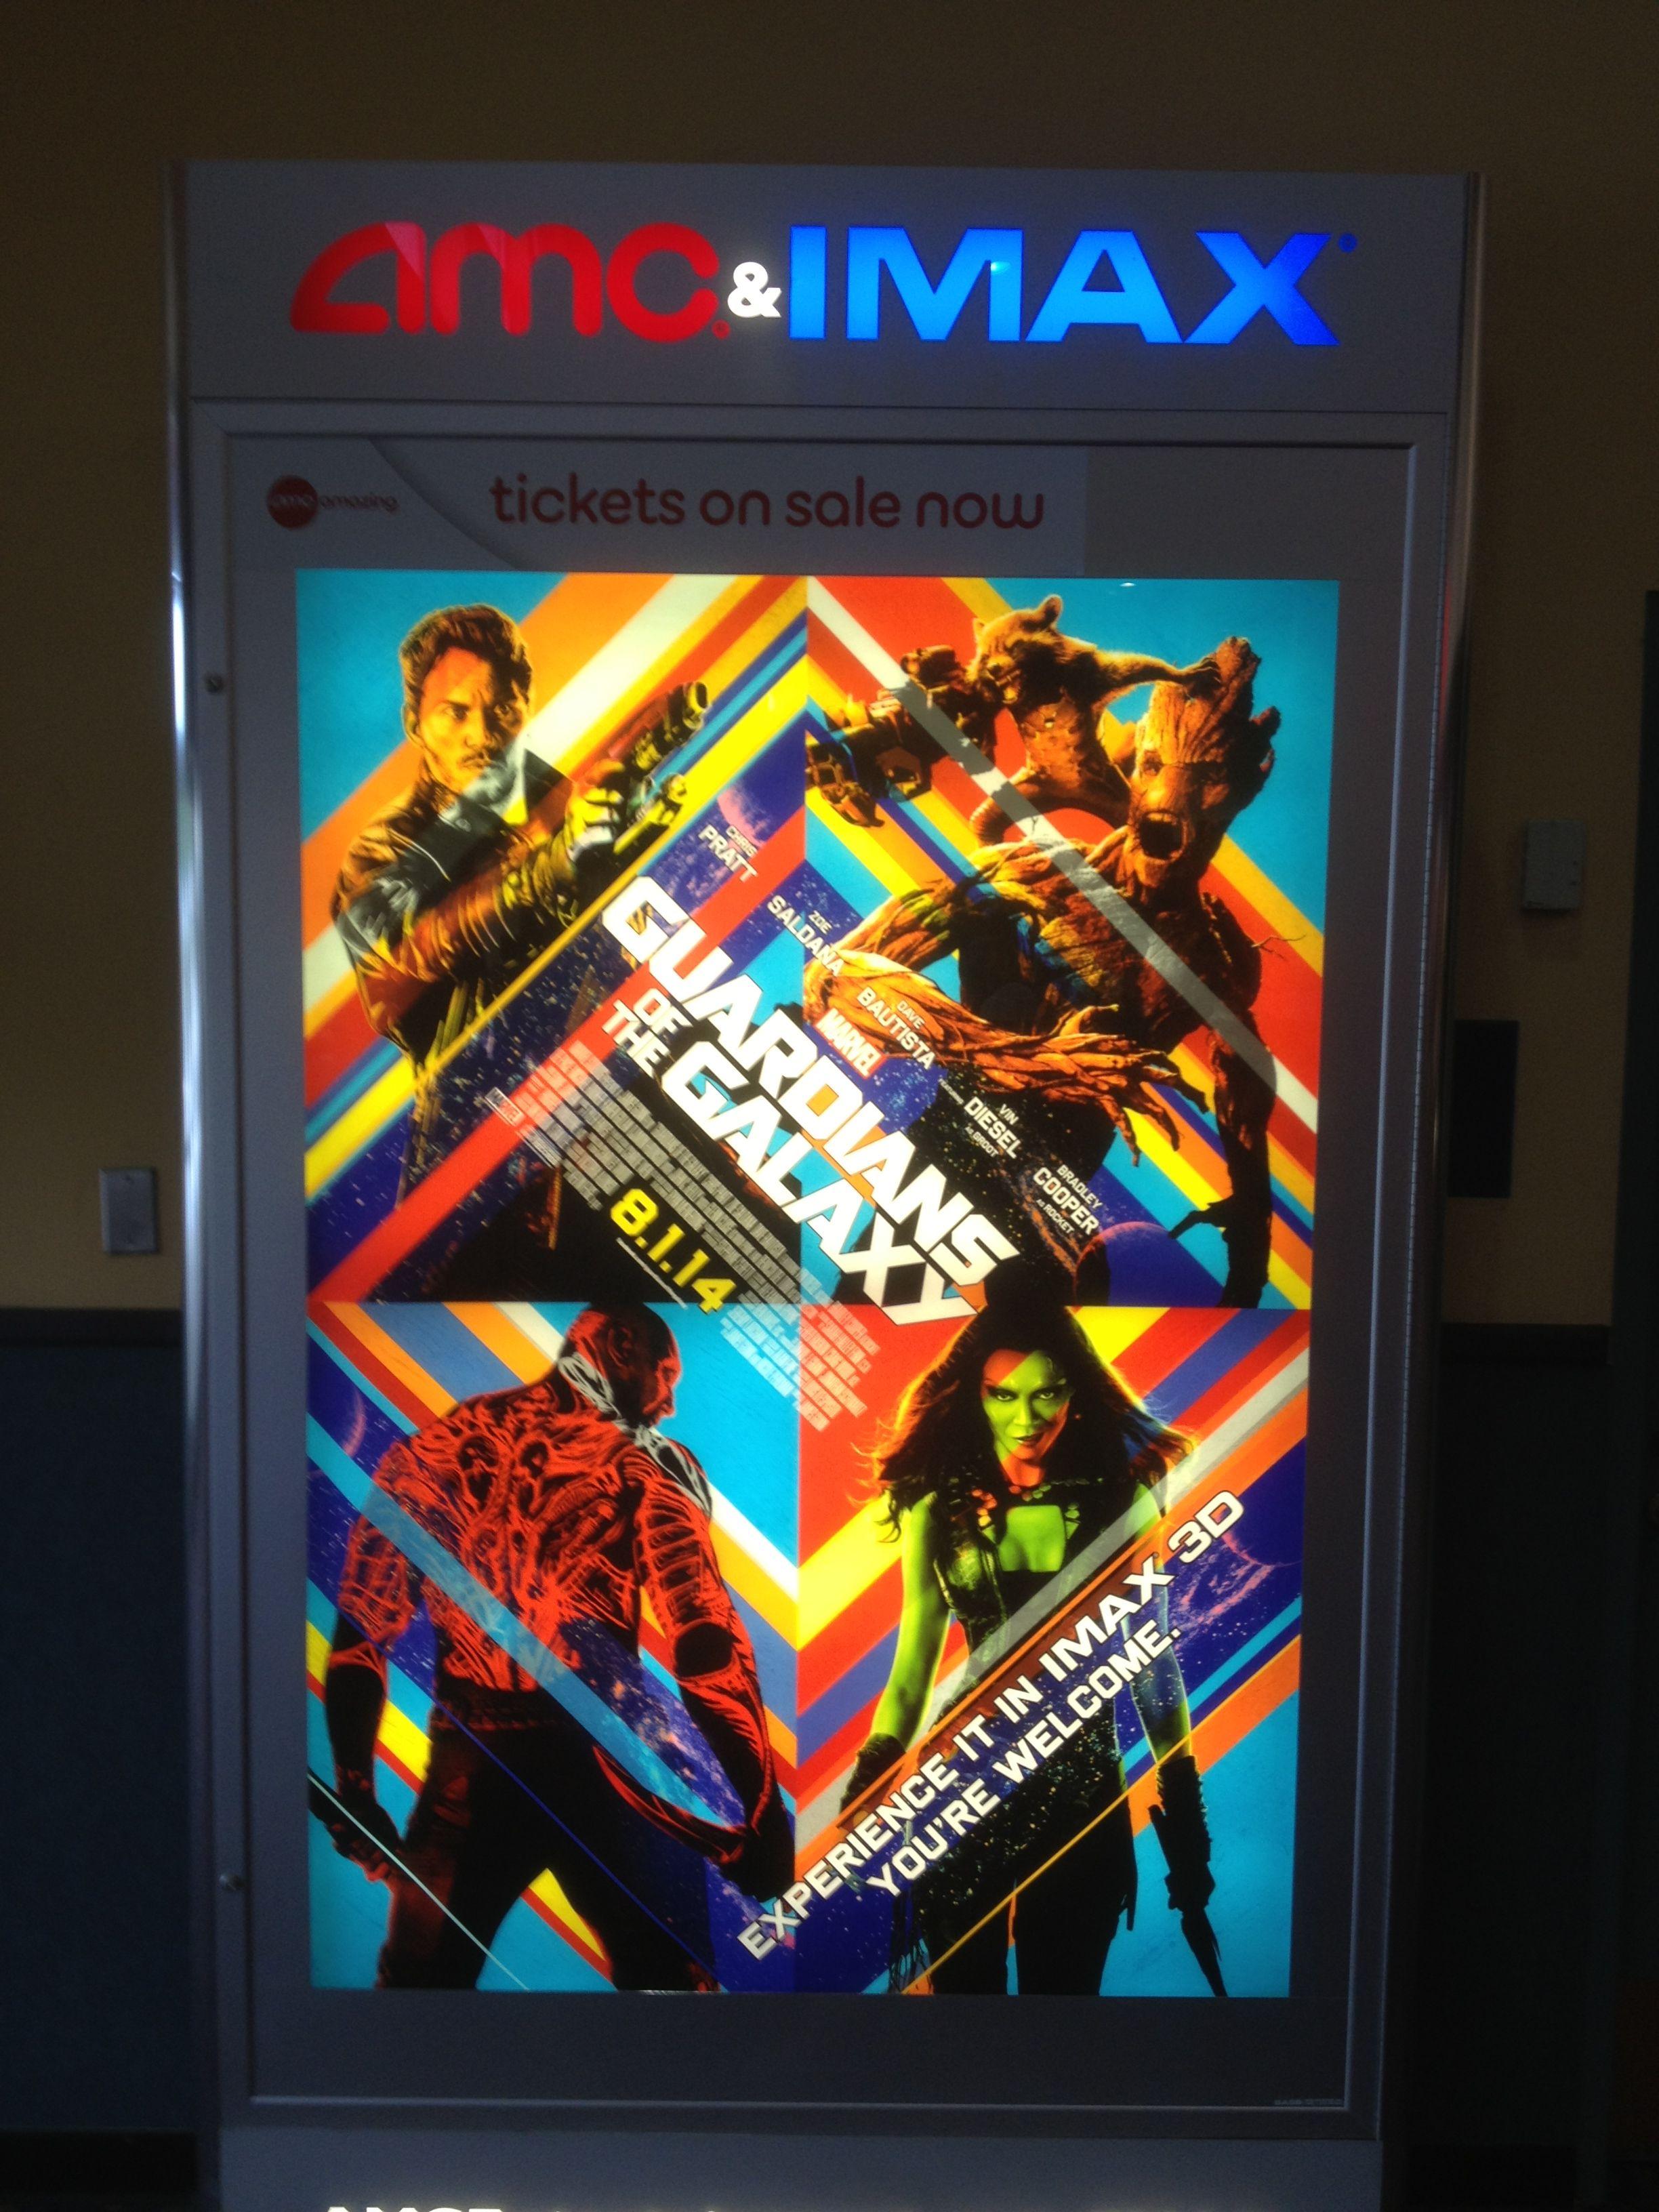 Gotg Imax Poster Imax Pinball Machine Pinball